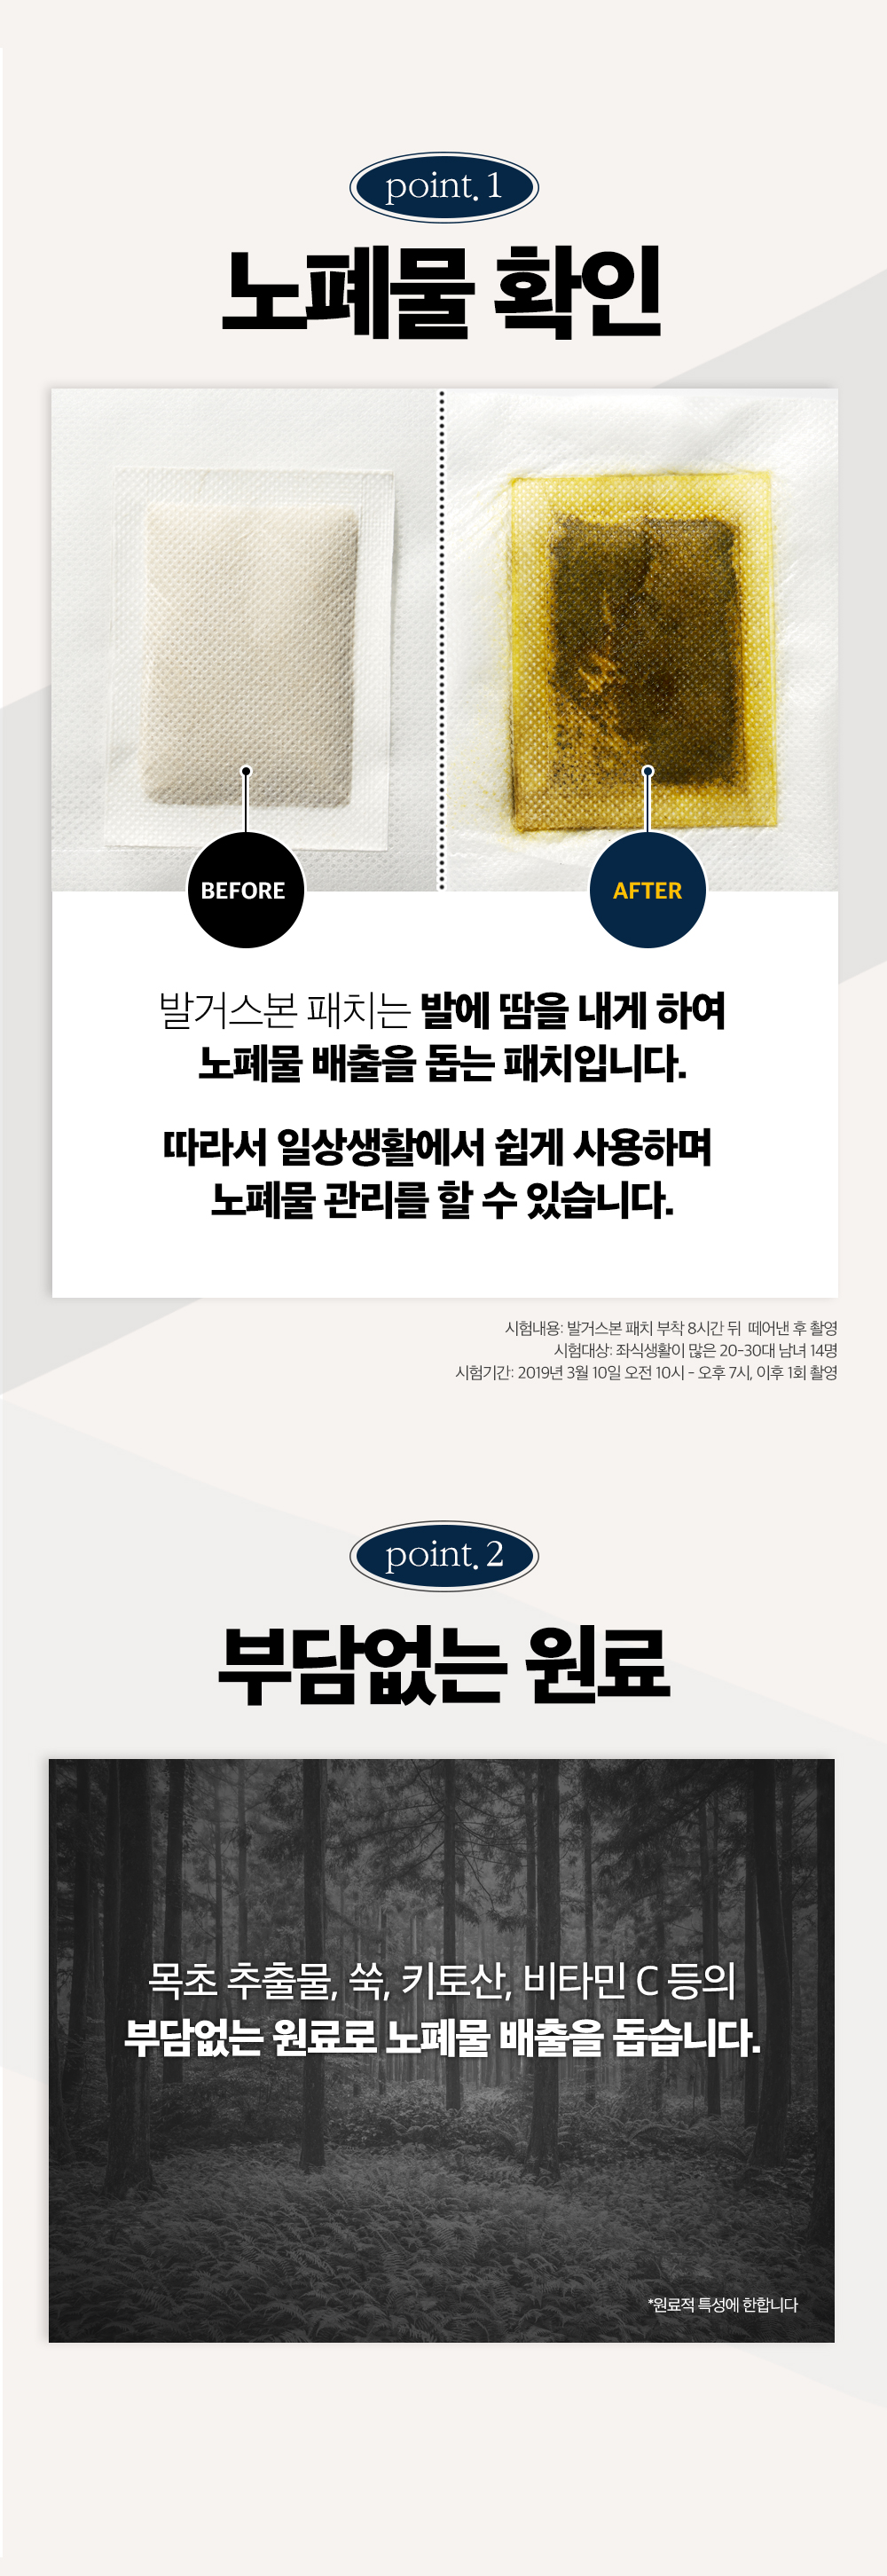 copy-1557394849-6-1-.jpg